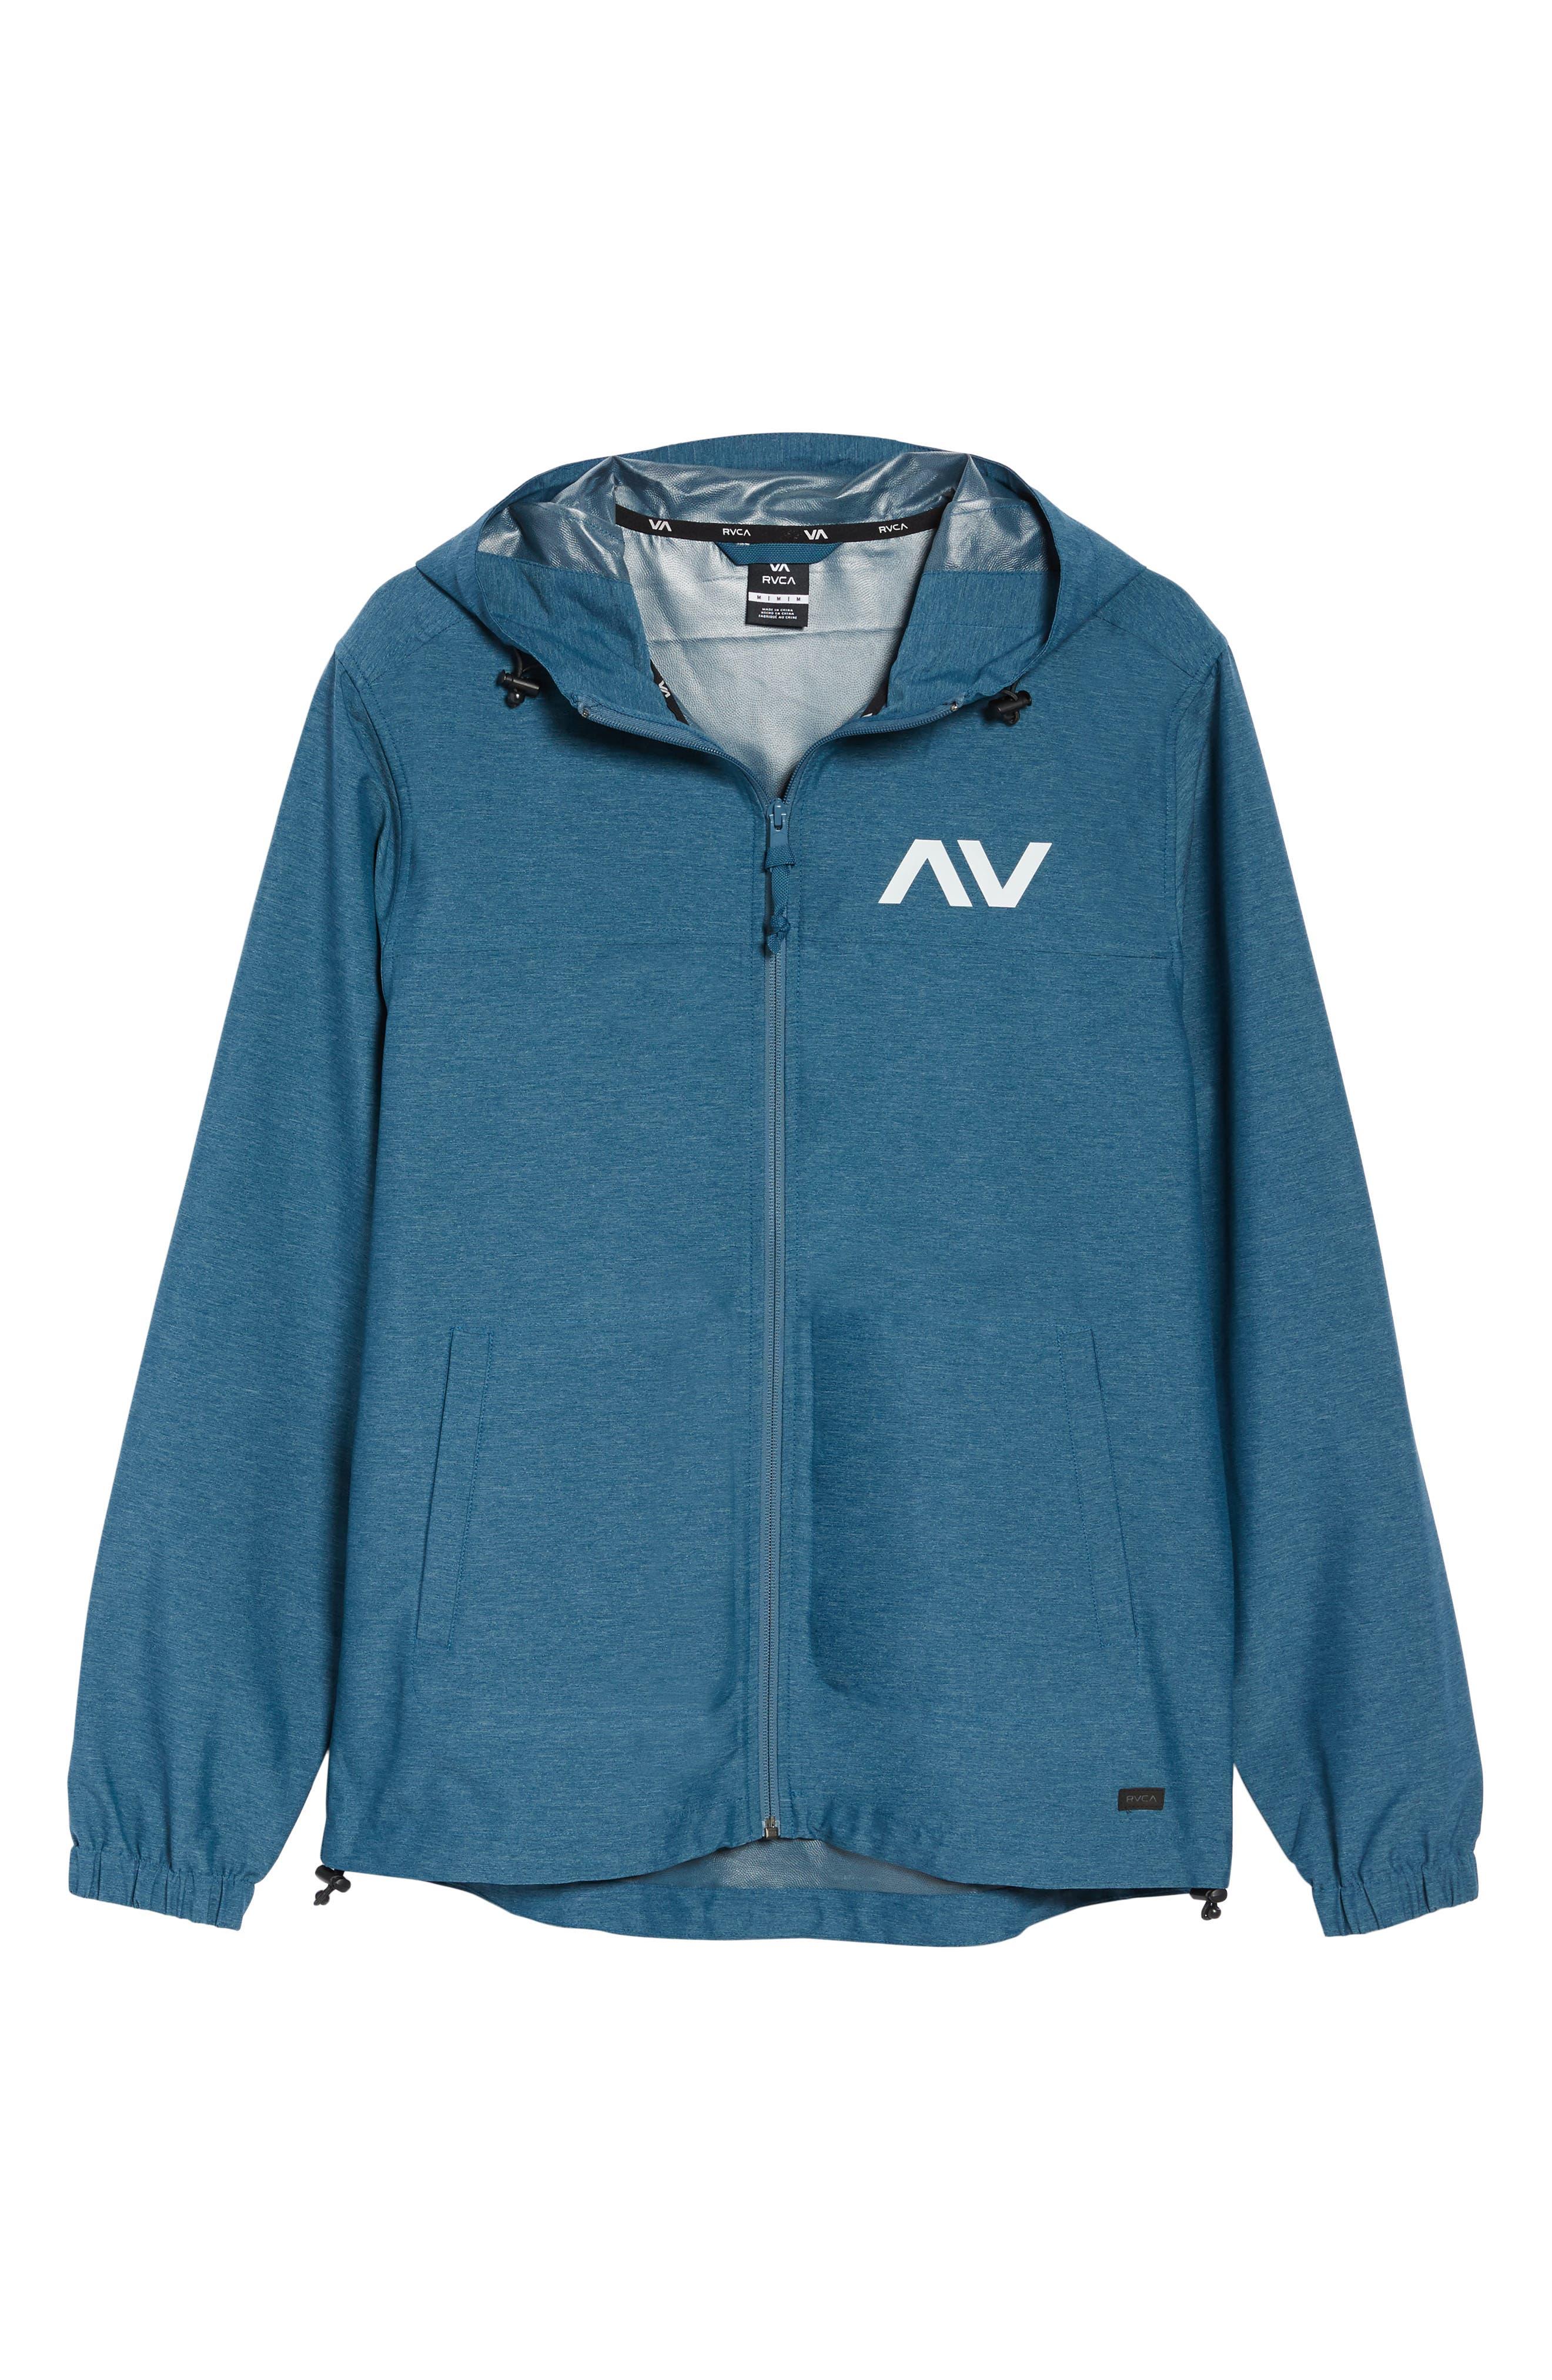 Steep Sport Jacket,                             Alternate thumbnail 6, color,                             Desert Blue